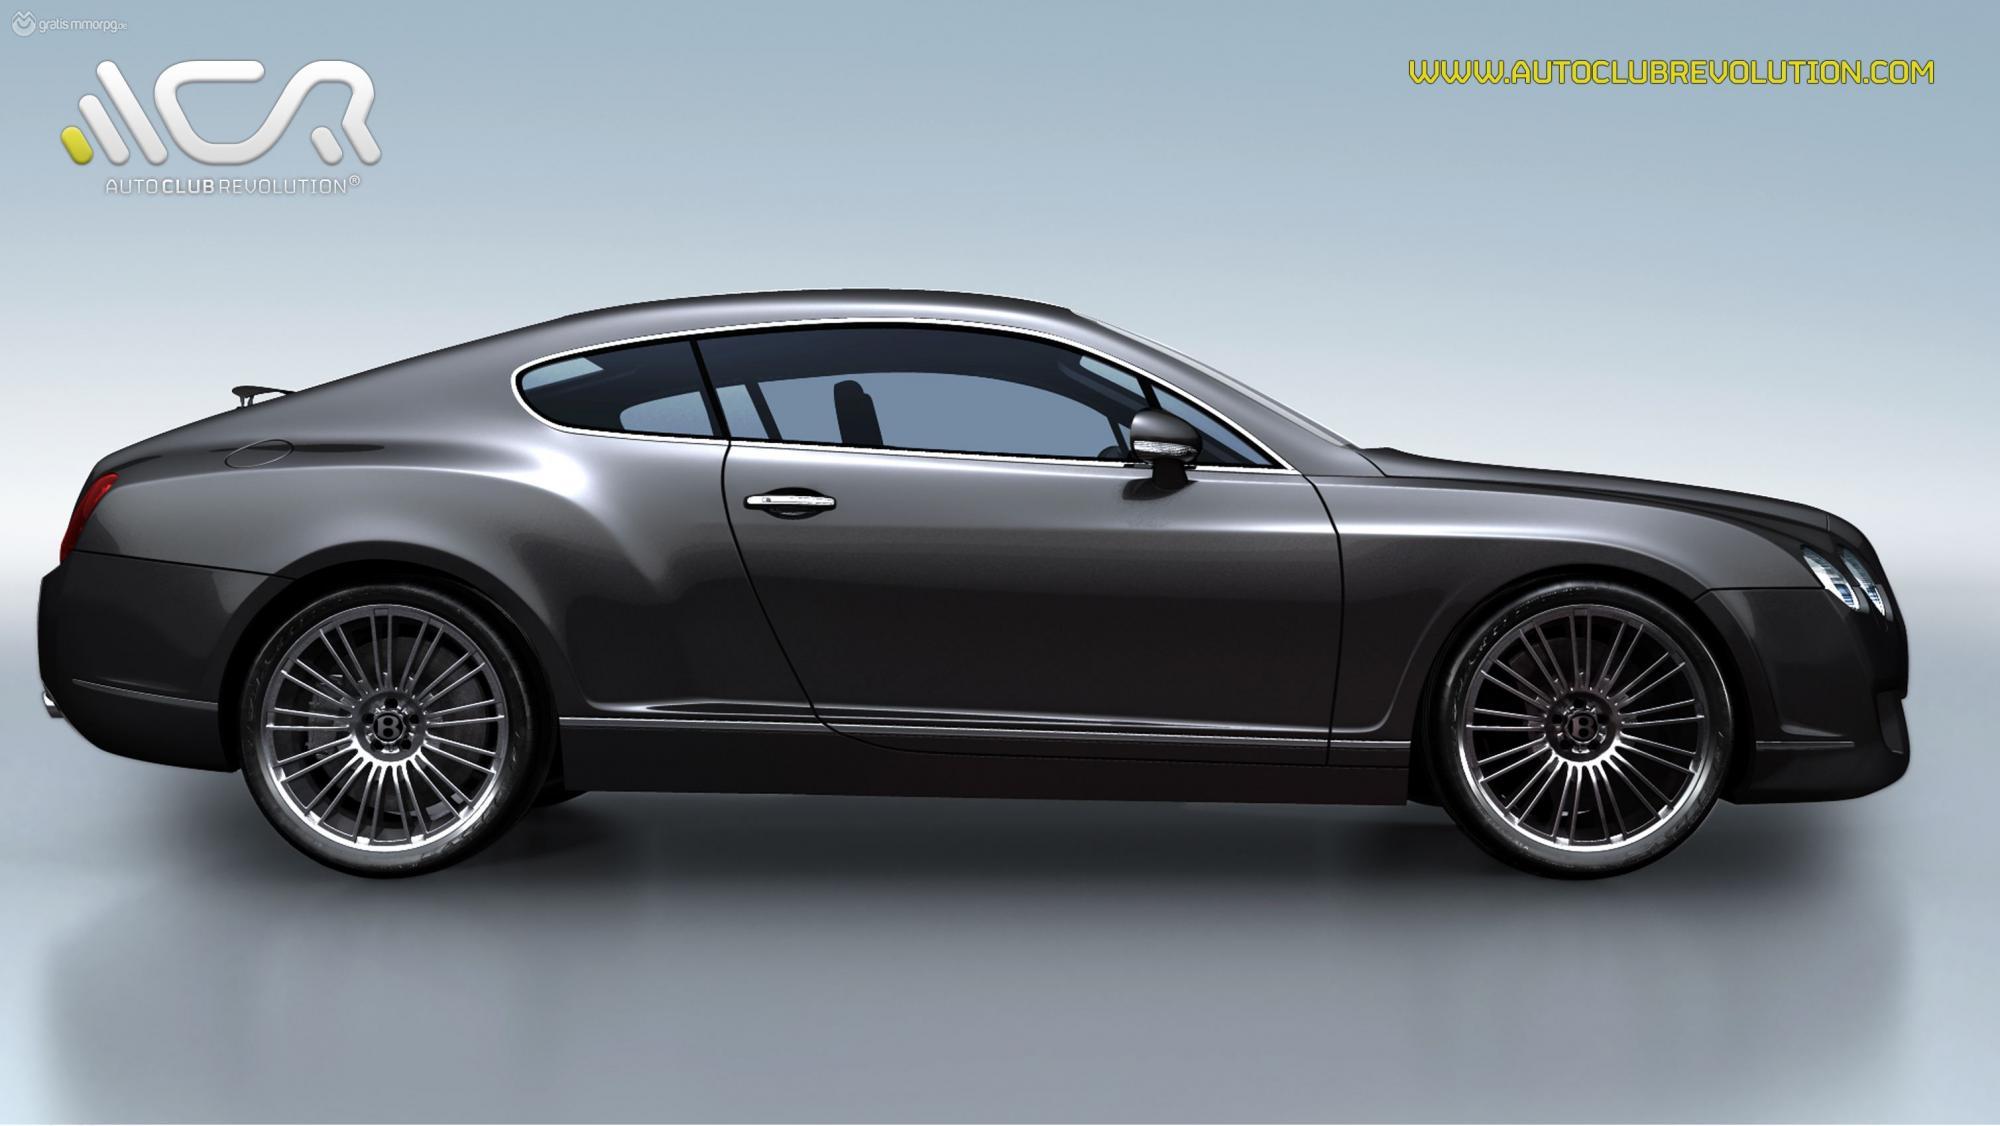 Klicke auf die Grafik für eine größere AnsichtName:ACR - Bentley Continental GT Speed.jpgHits:64Größe:138,6 KBID:5868